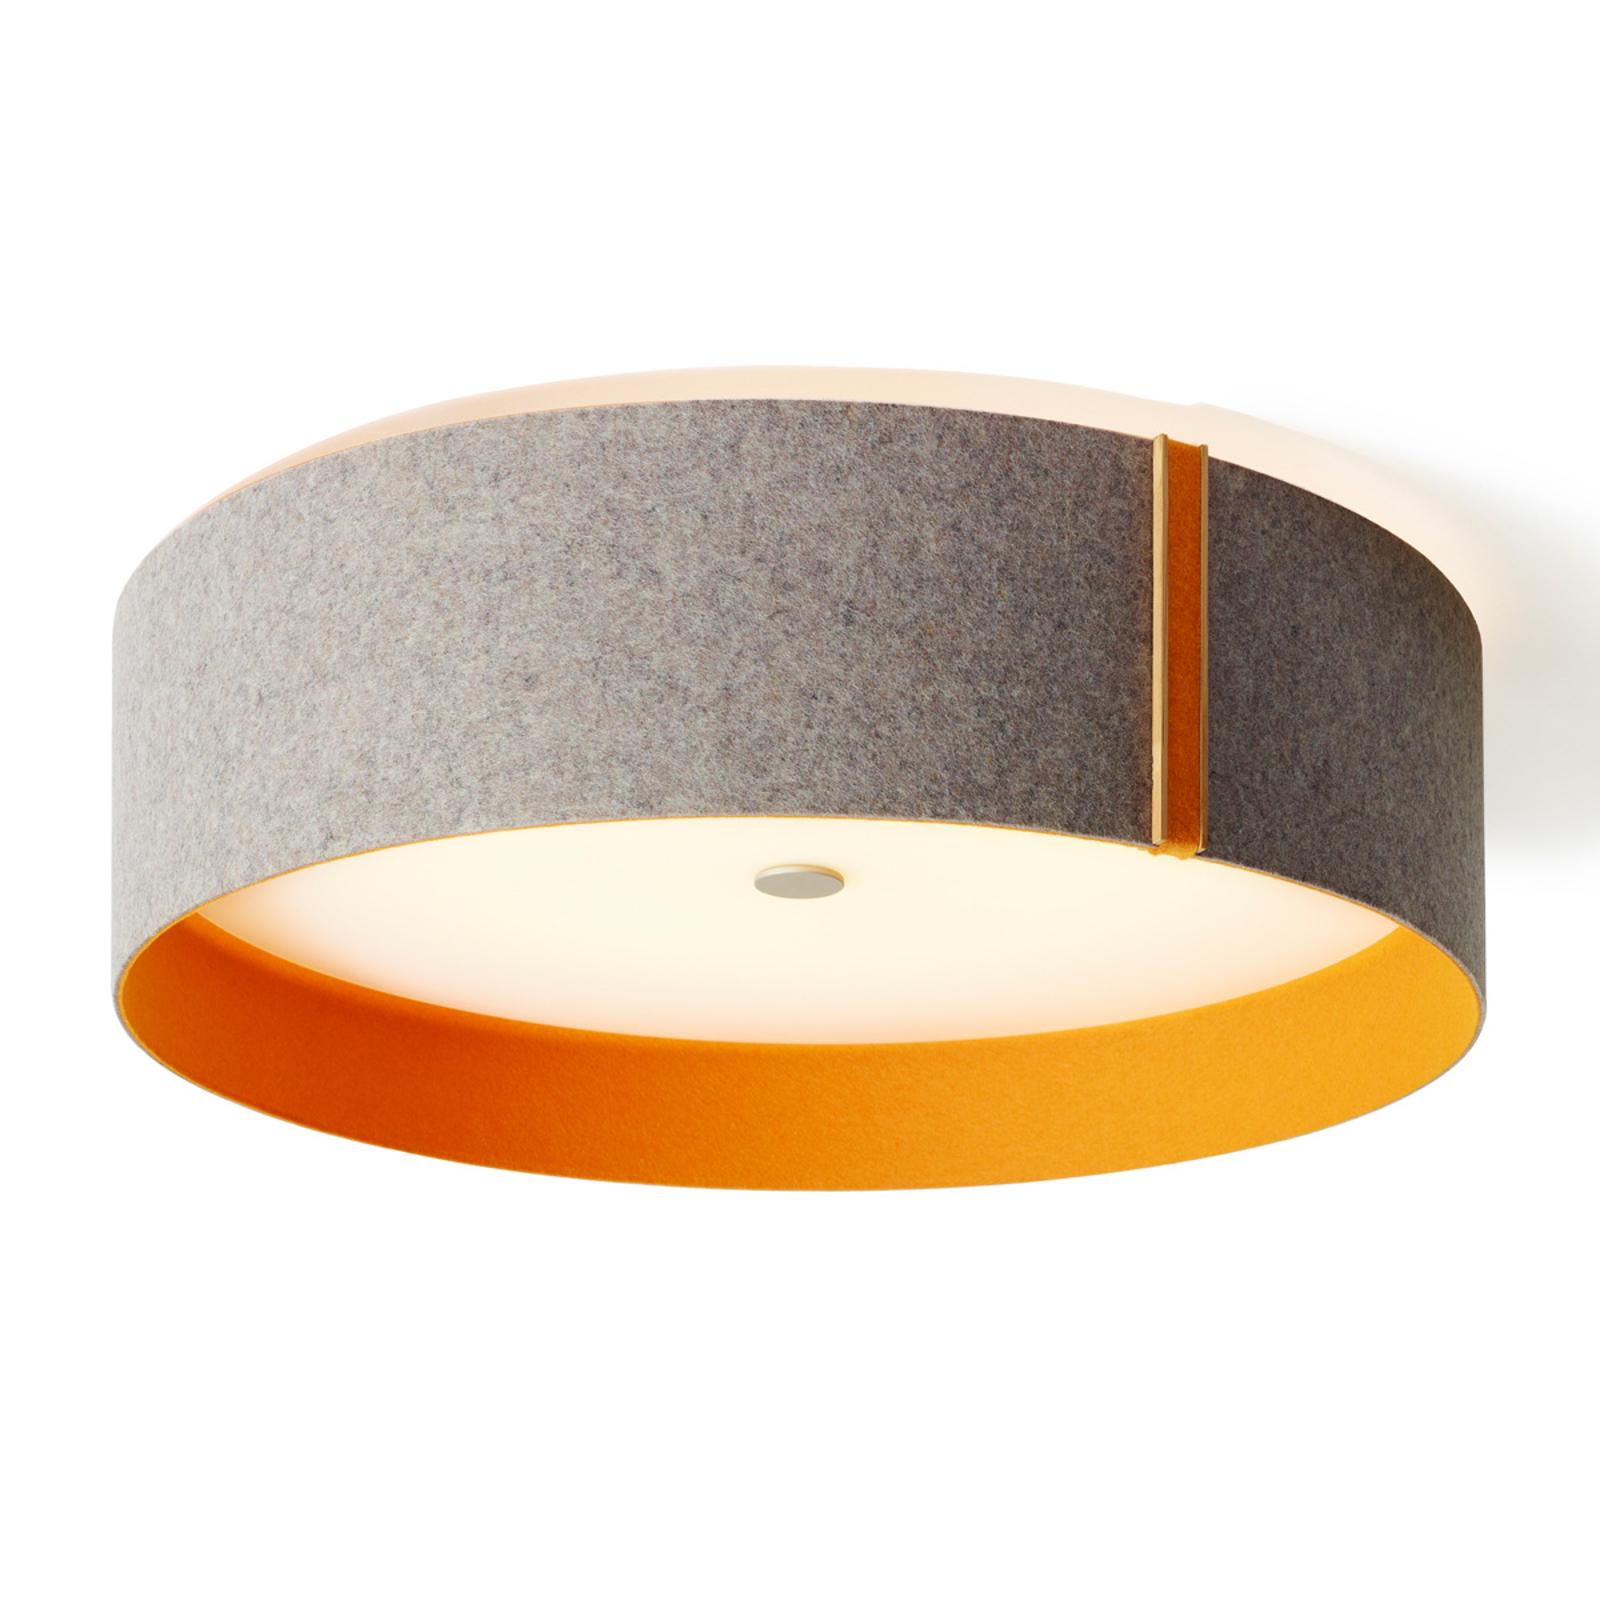 Orange-grey felt ceiling light Lara with LED_2600508_1